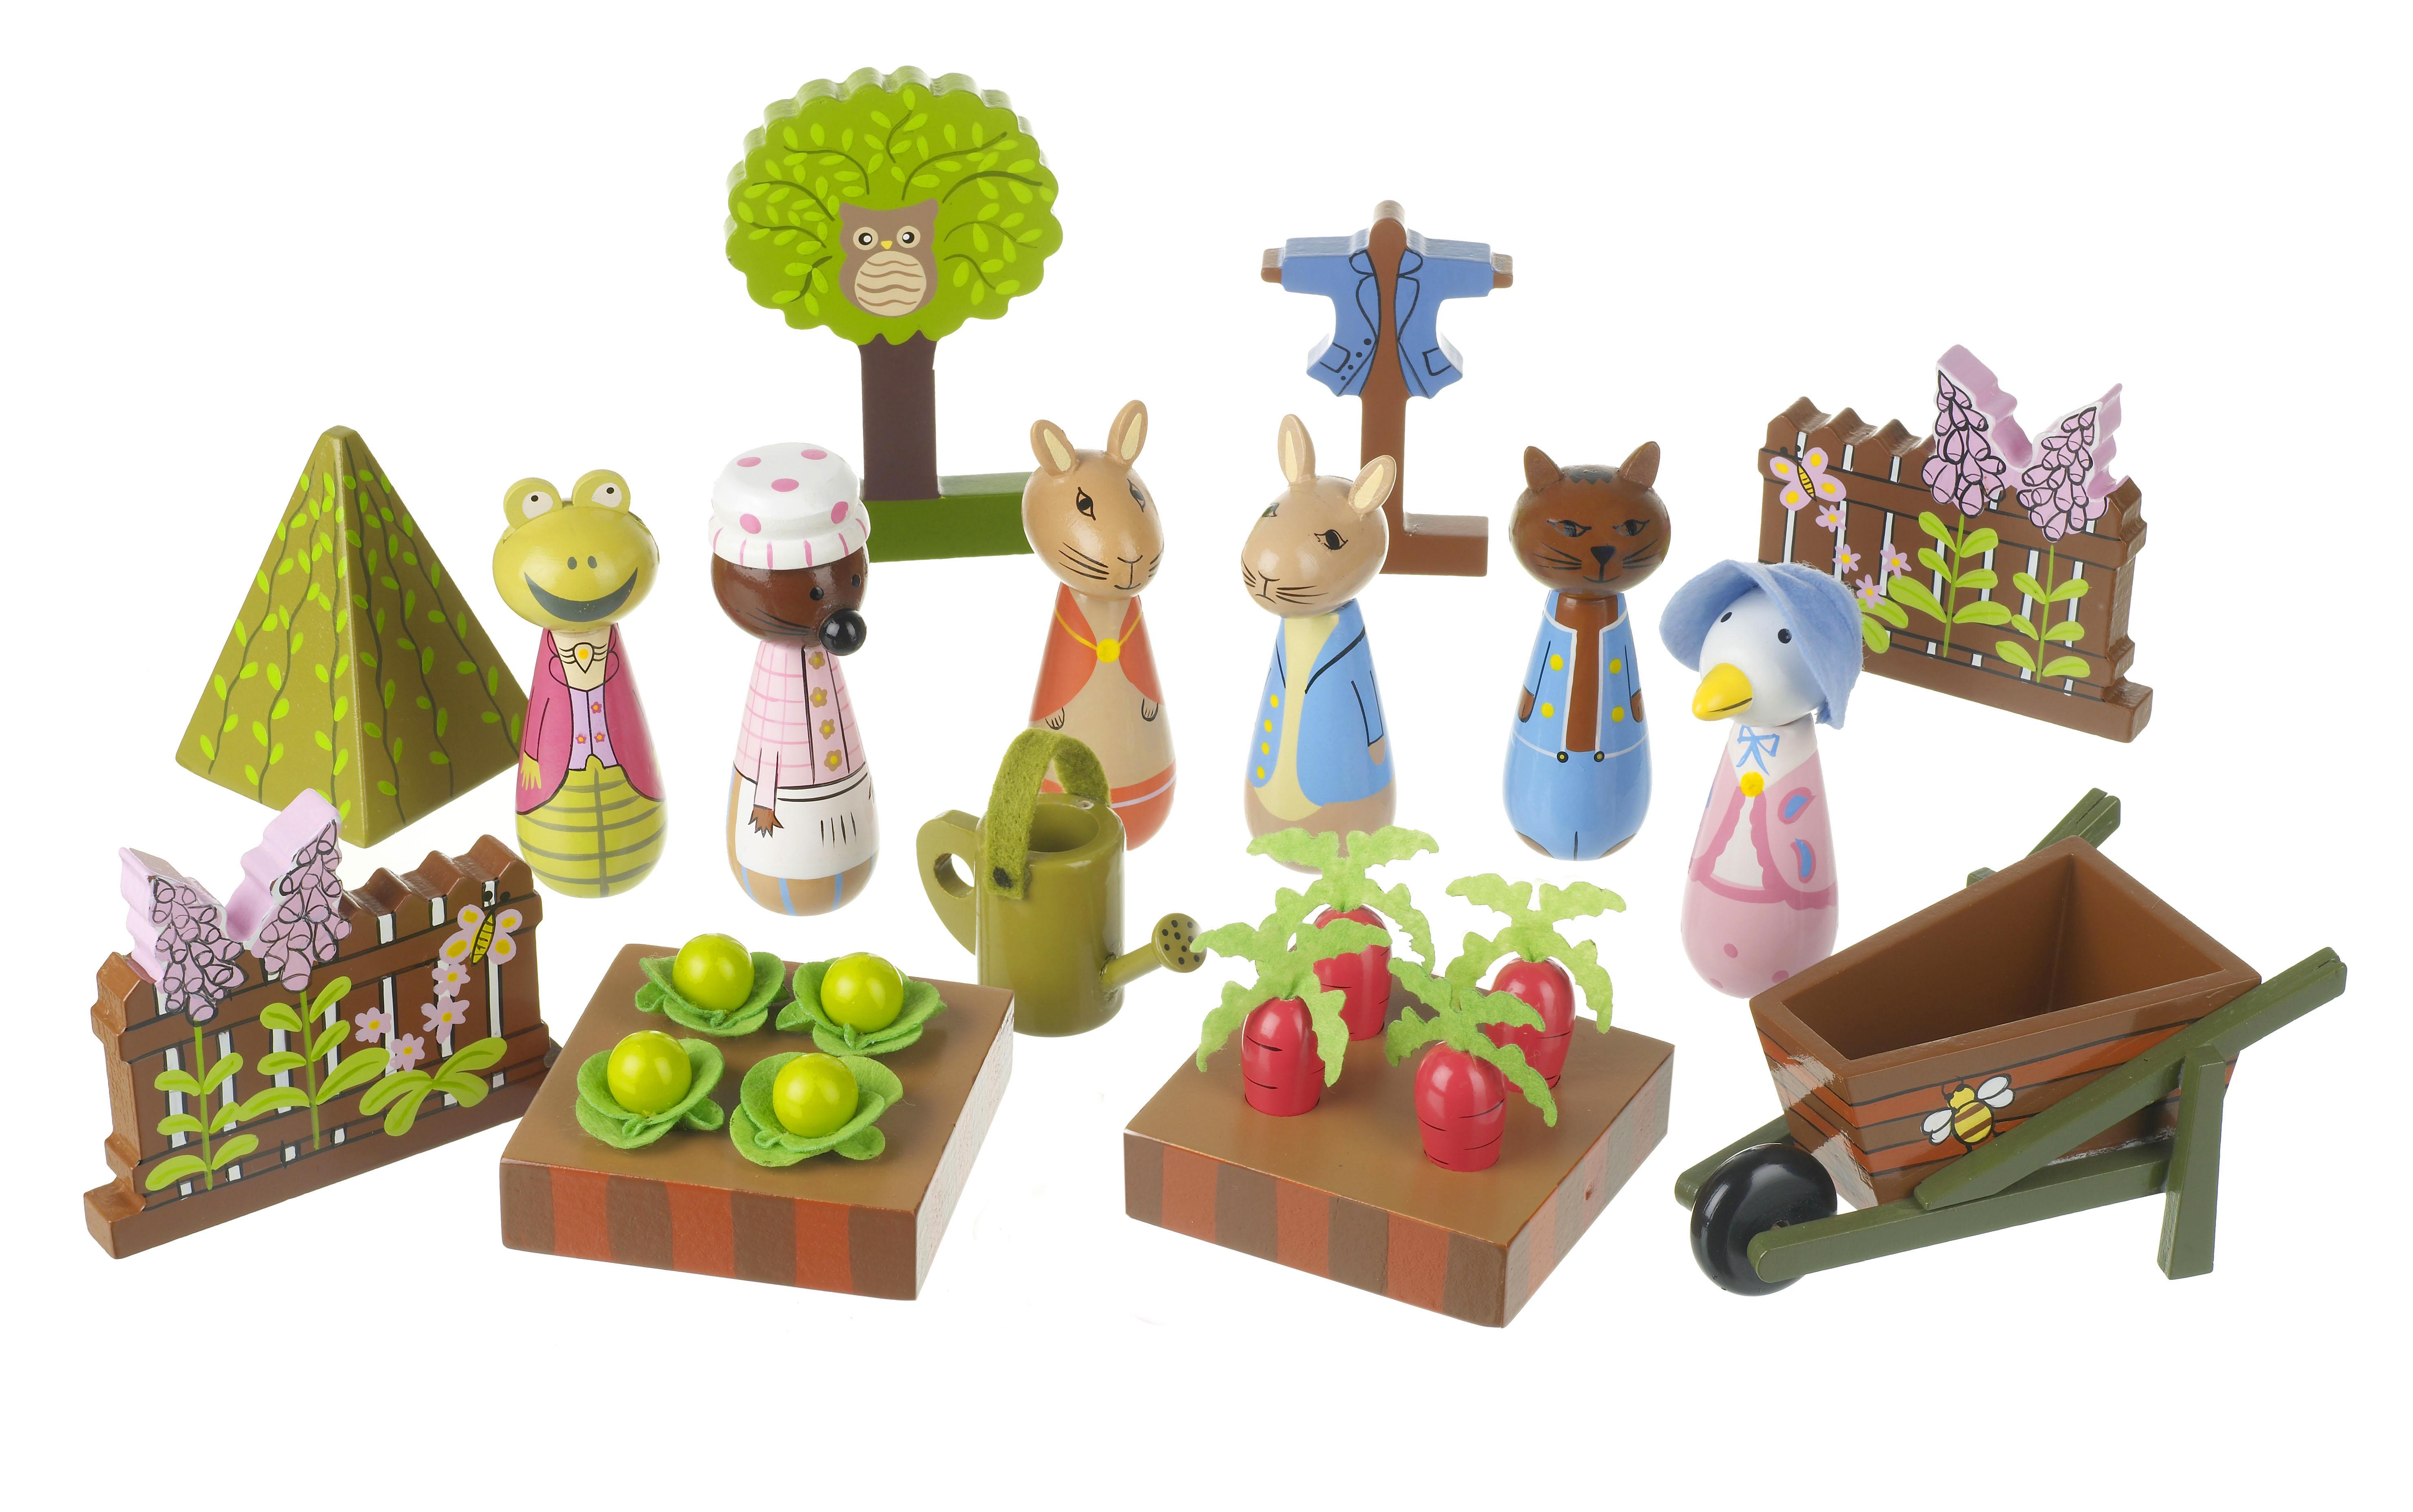 Детски дървен комплект за игра - градината на г-н Макгрегъри от Orange Tree Toys - дървена играчка - Беллами